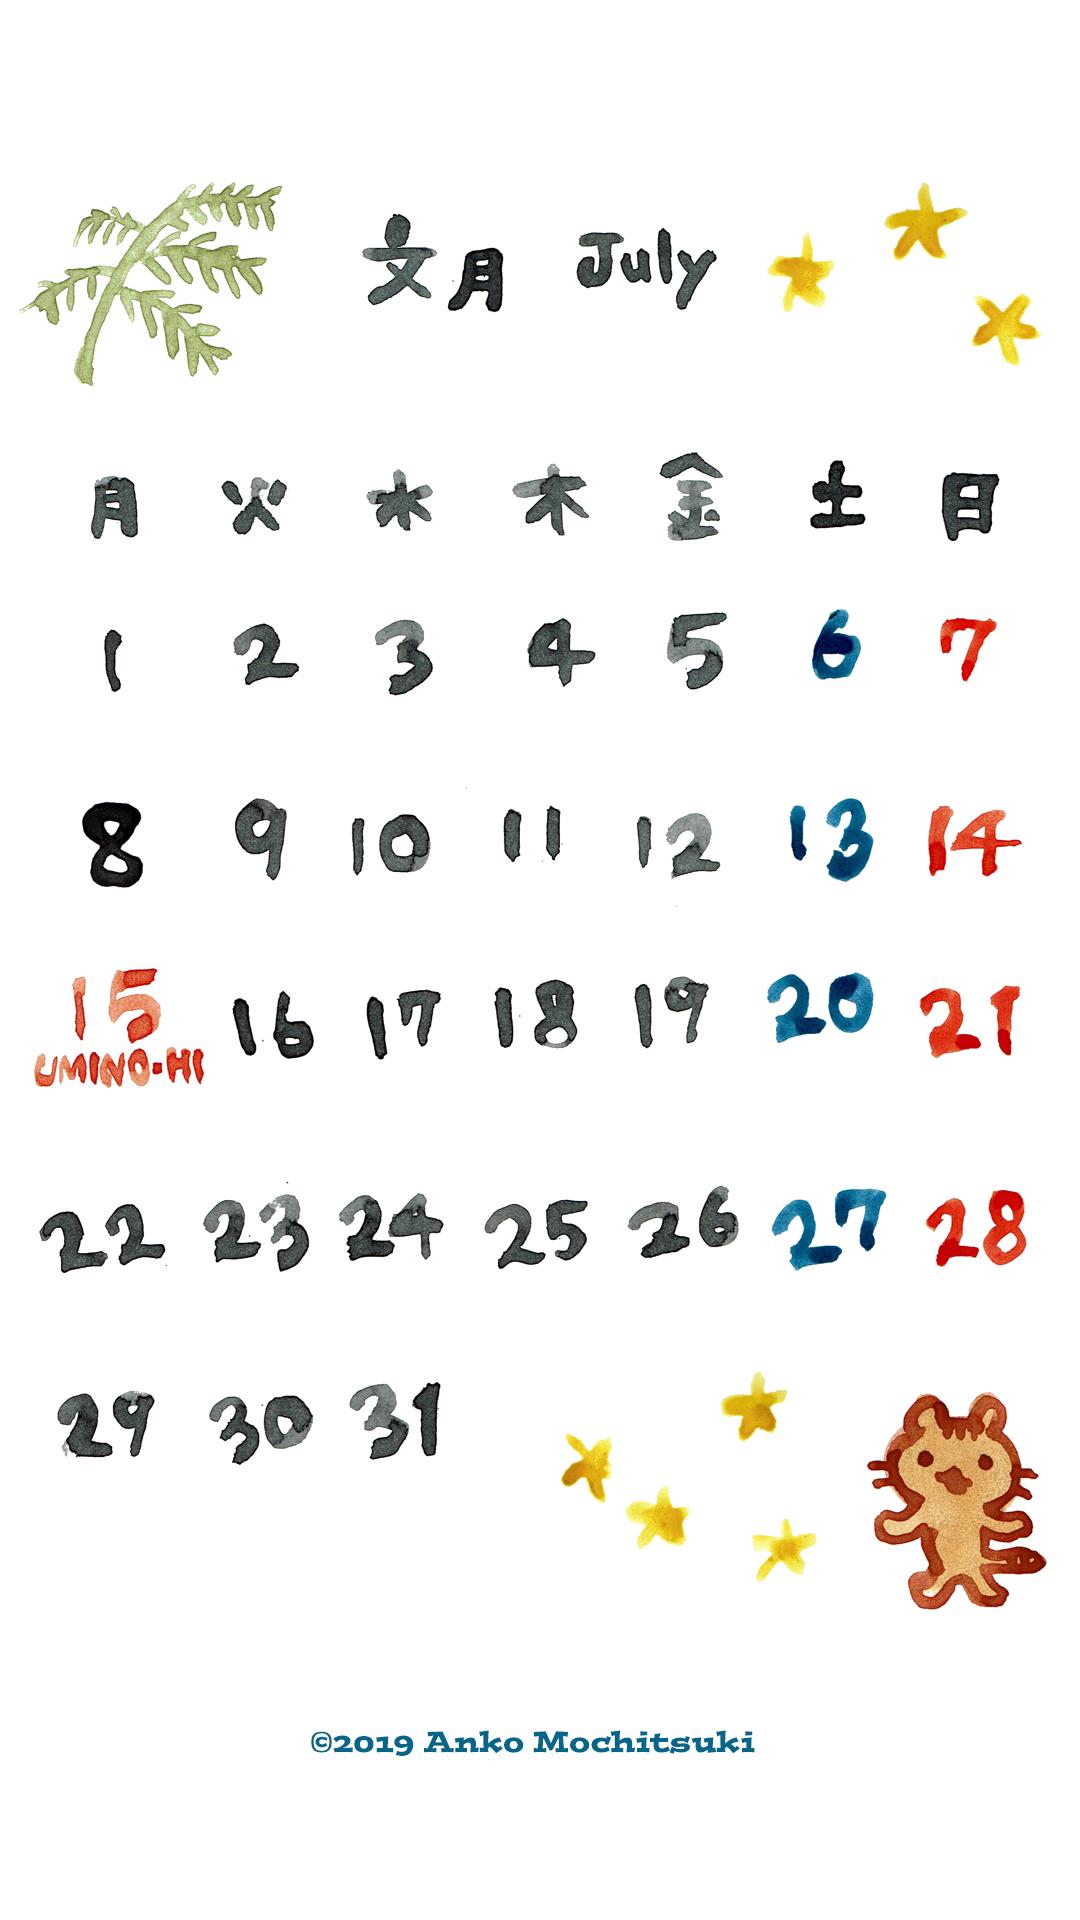 7月のカレンダーです。休日が15日の海の日だけで、月曜始まりの7月がまた来たら使えます。今月は見本市で無料で~す